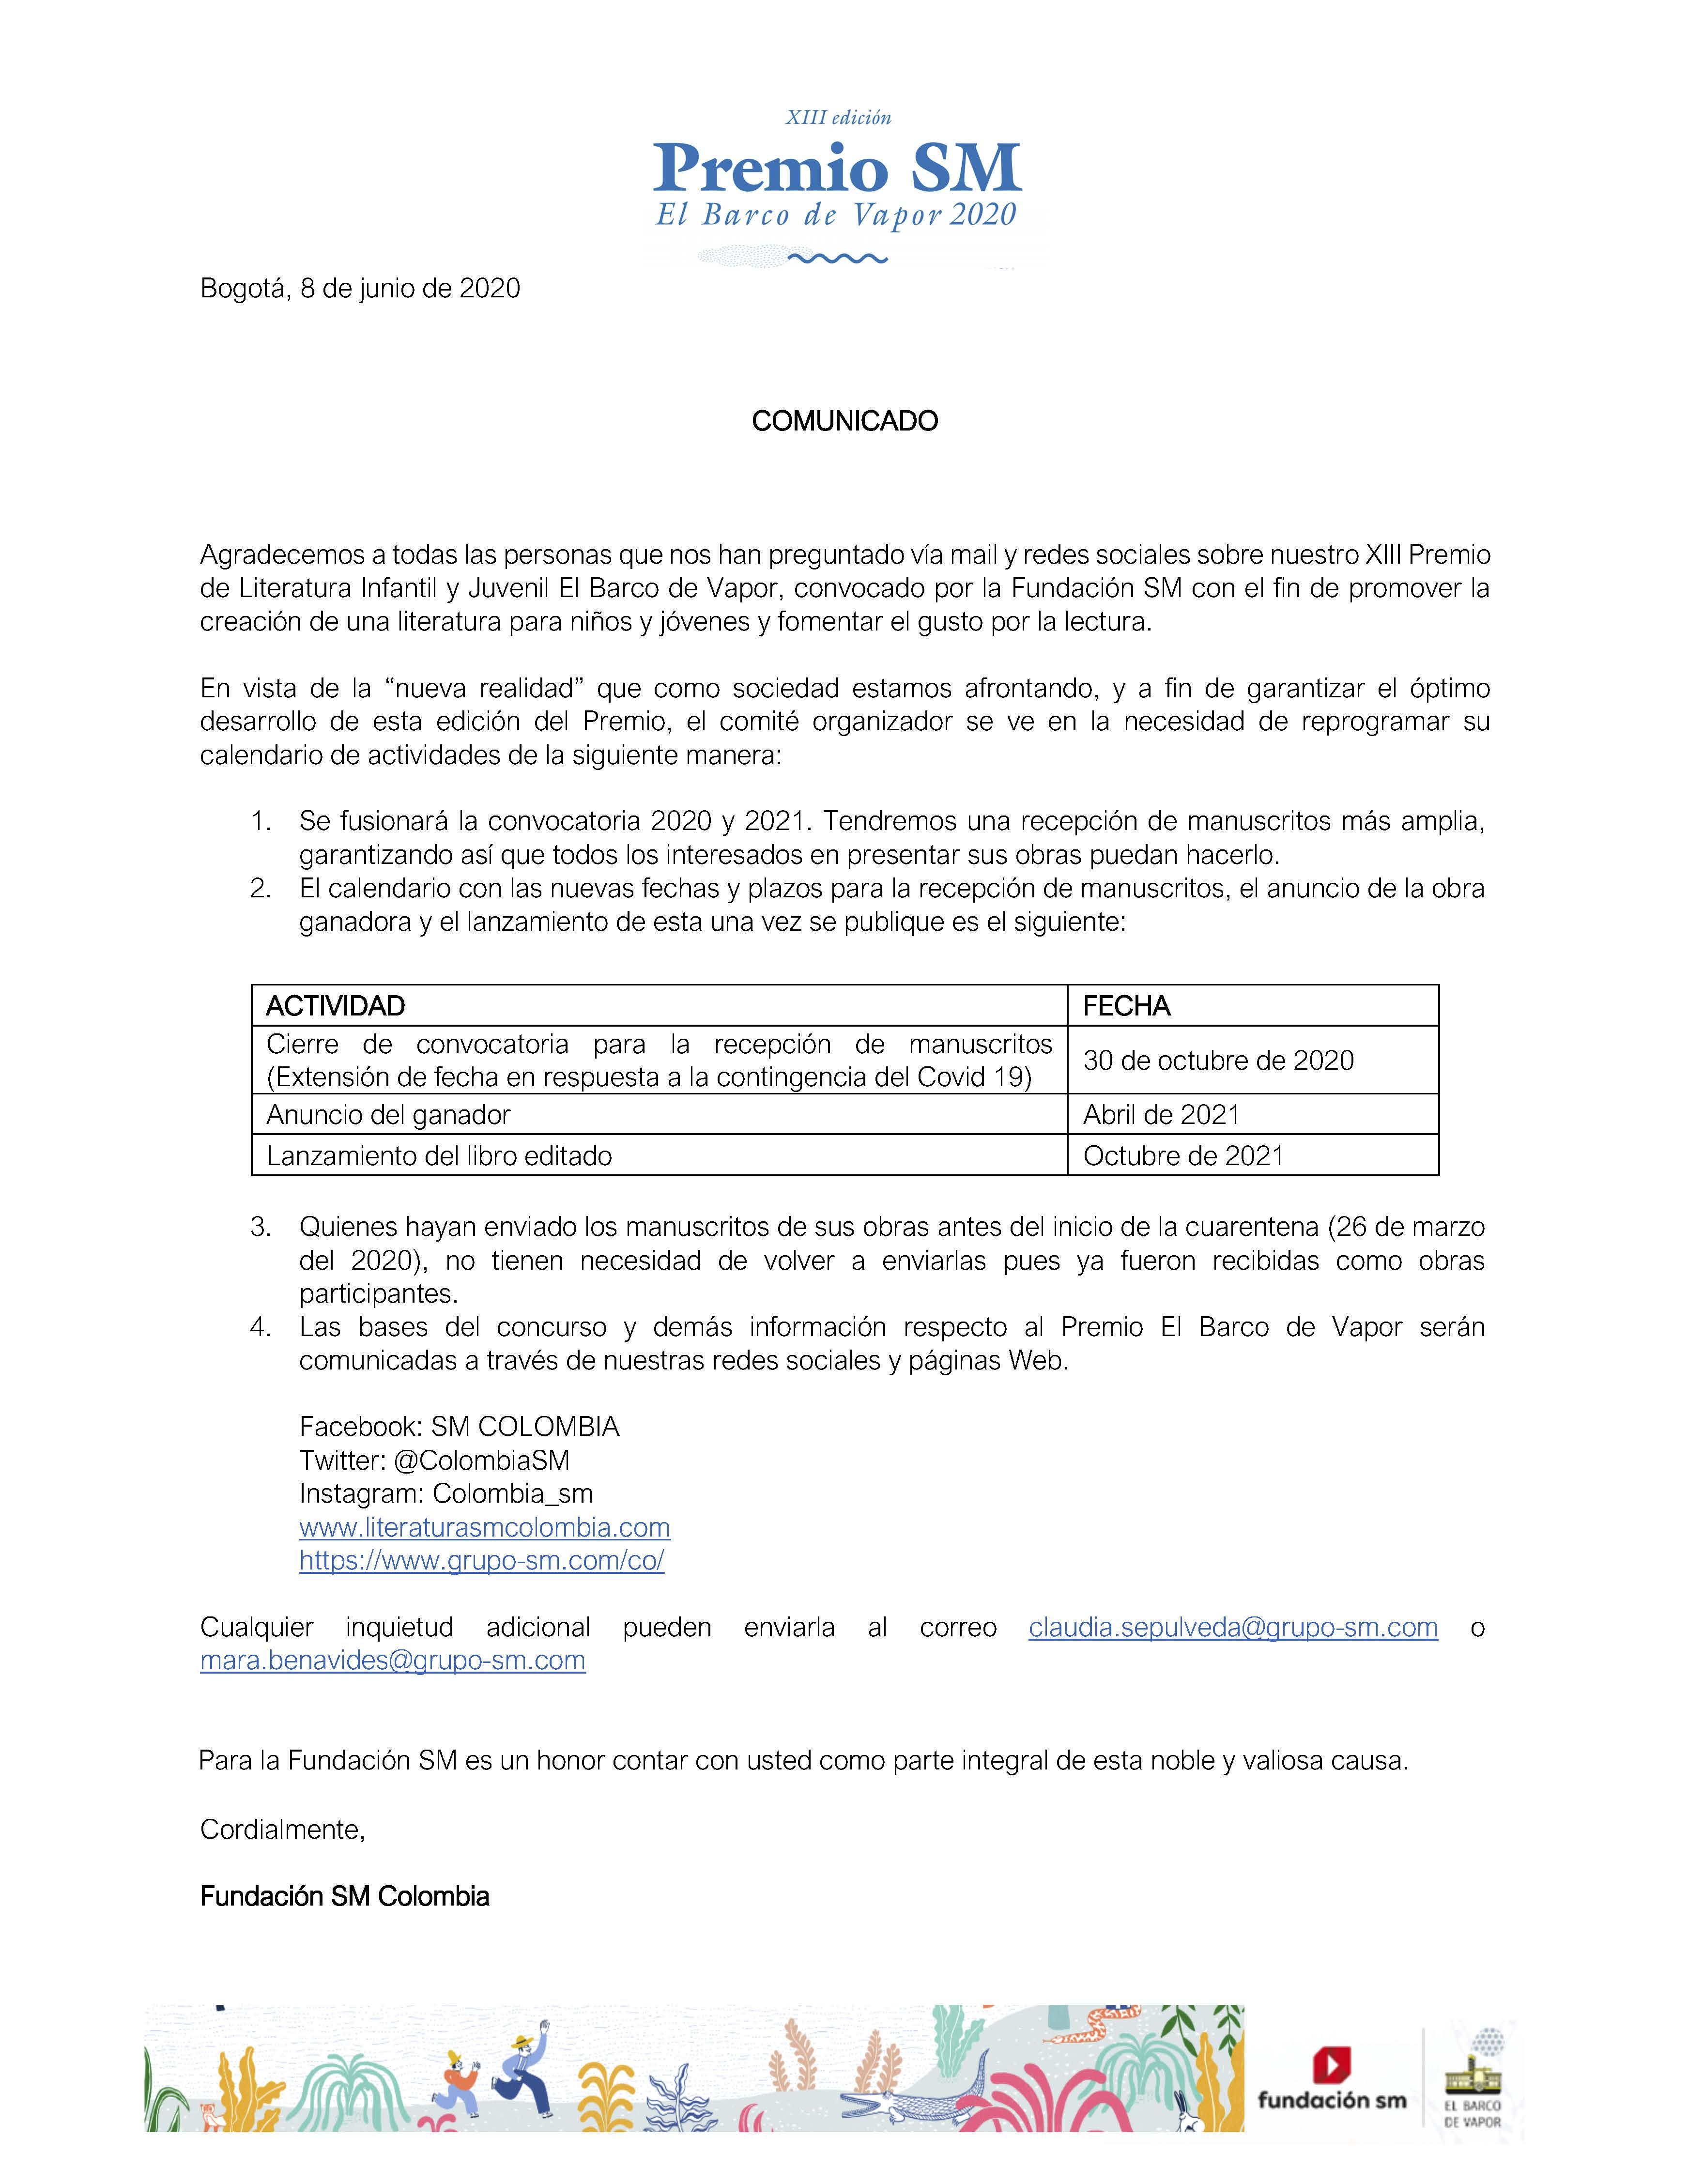 Comunicado Oficial XIII Premio El Barco de Vapor 2020